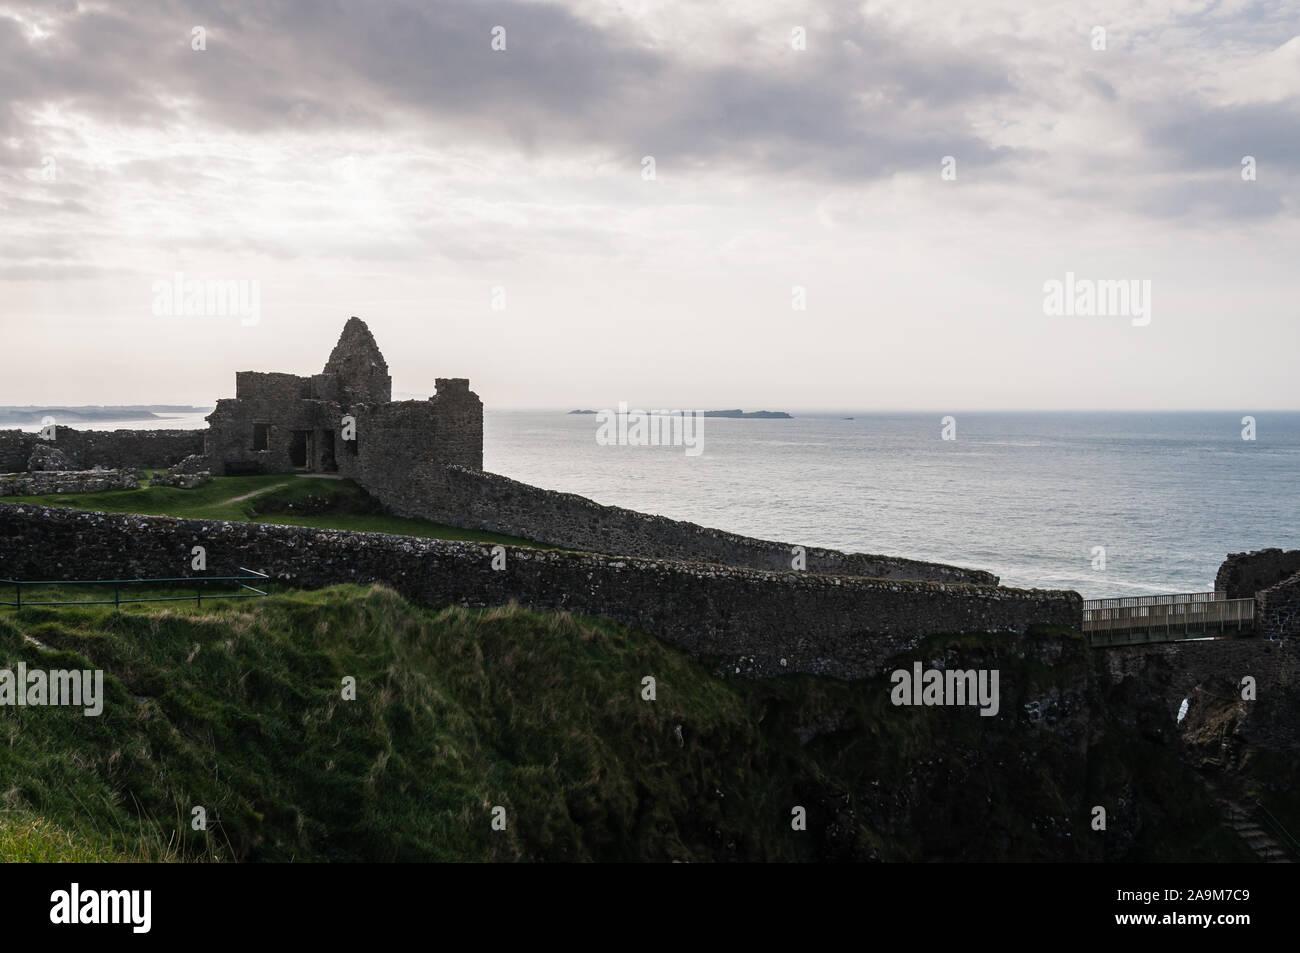 Vista de los restos del Castillo de Dunluce en la costa irlandesa de Irlanda del Norte, en el Condado de Antrim. Foto de stock